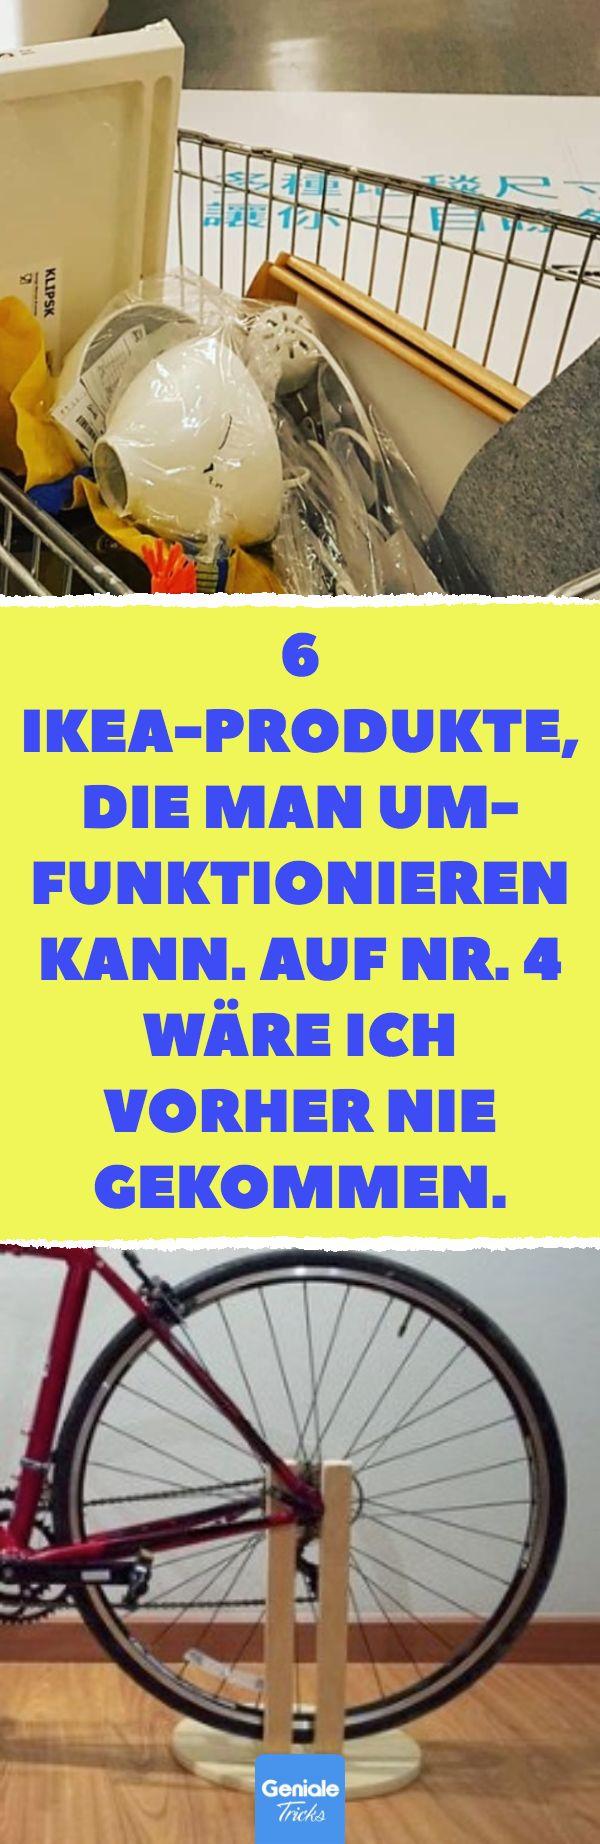 6 Ikea-Produkte, die man umfunktionieren kann. Auf…